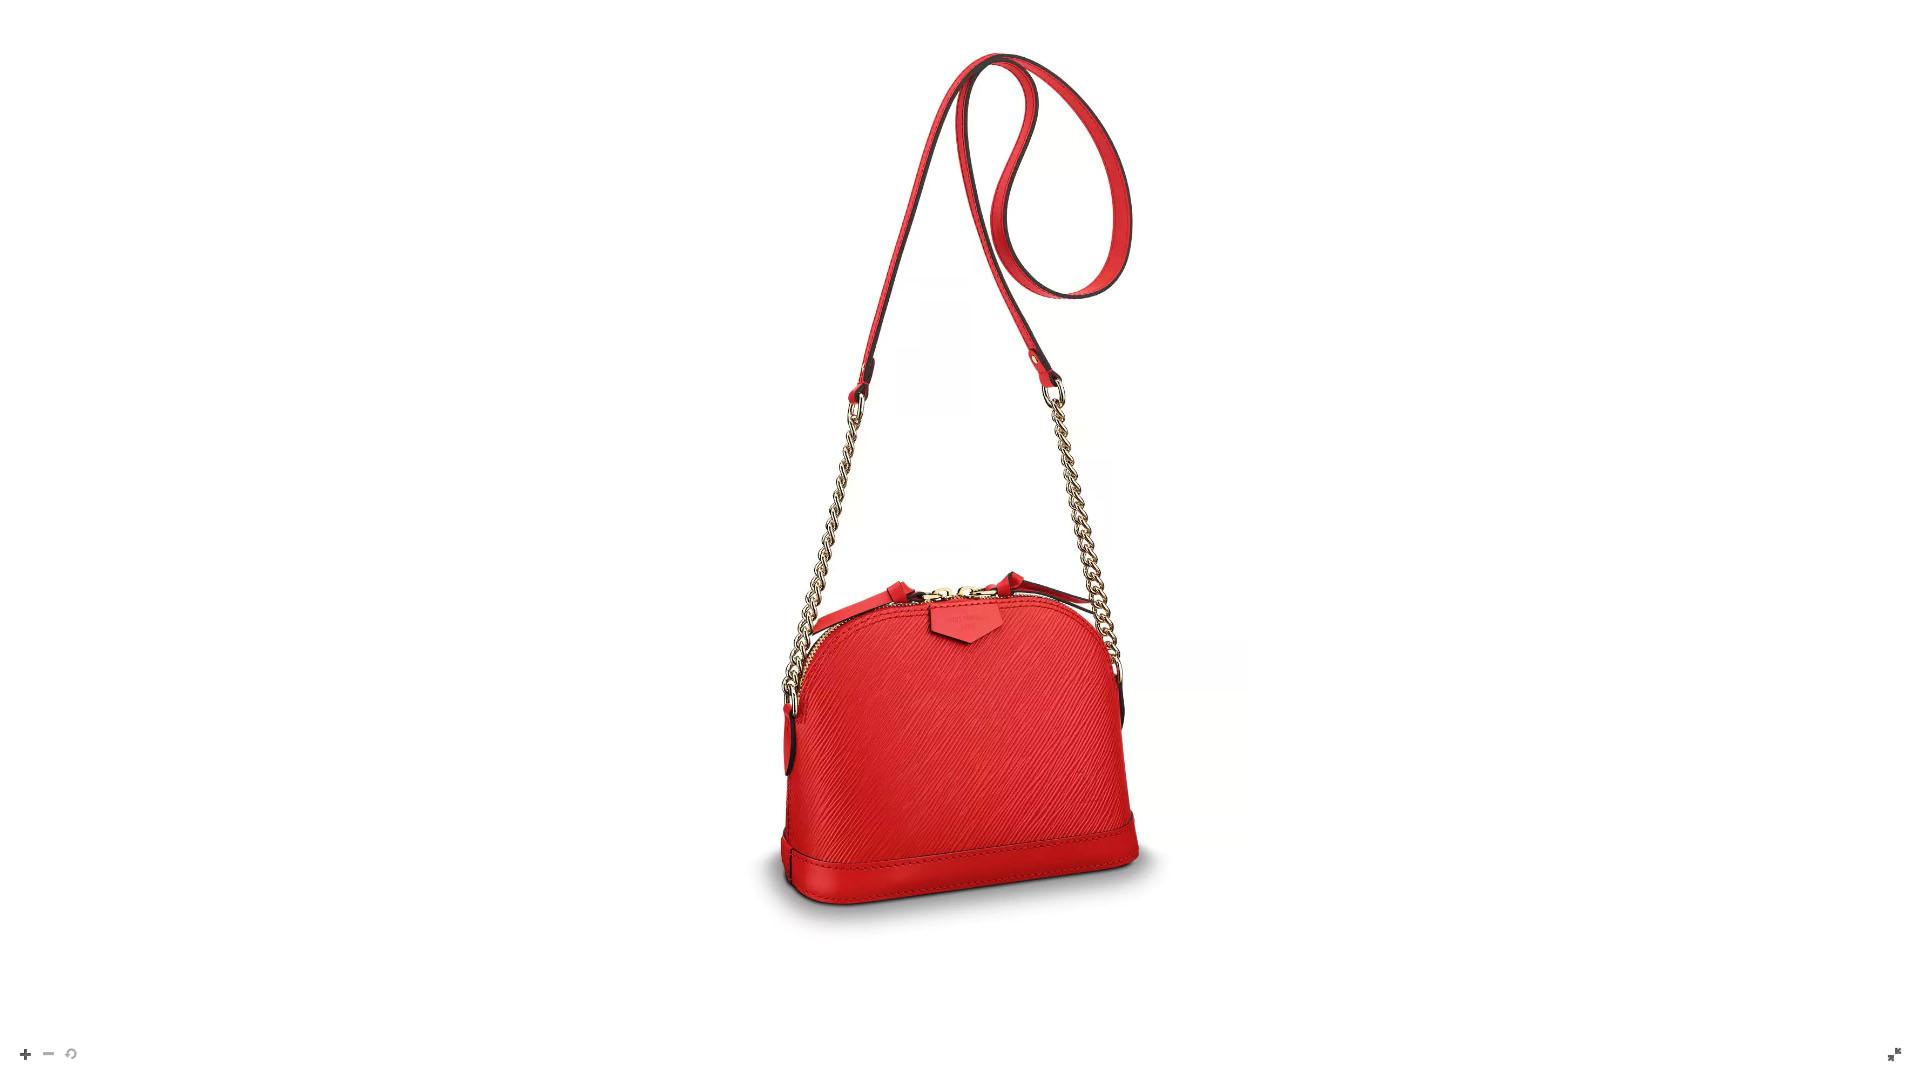 """""""Mini Alma"""" en """"Piel Epi Veteada"""" es un diseño atemporal con larga correa para ser una cartera, ideal para el uso cotidiano. Este modelo lleva el logotipo LV con relieve y el tradicional patch de """"Louis Vuitton Paris"""" en la parte delantera de la minibag."""